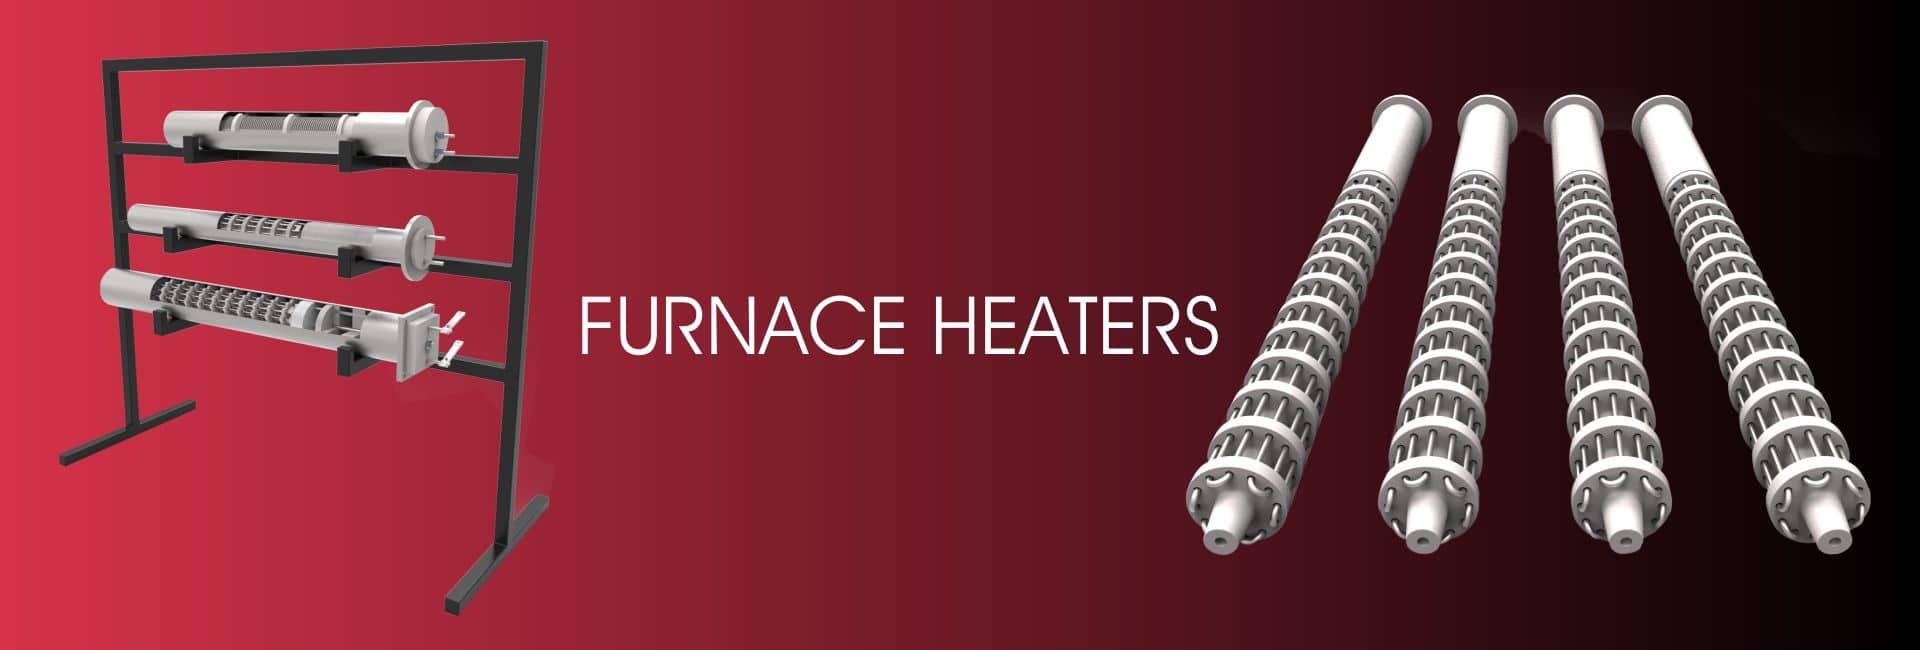 Furnace Heaters